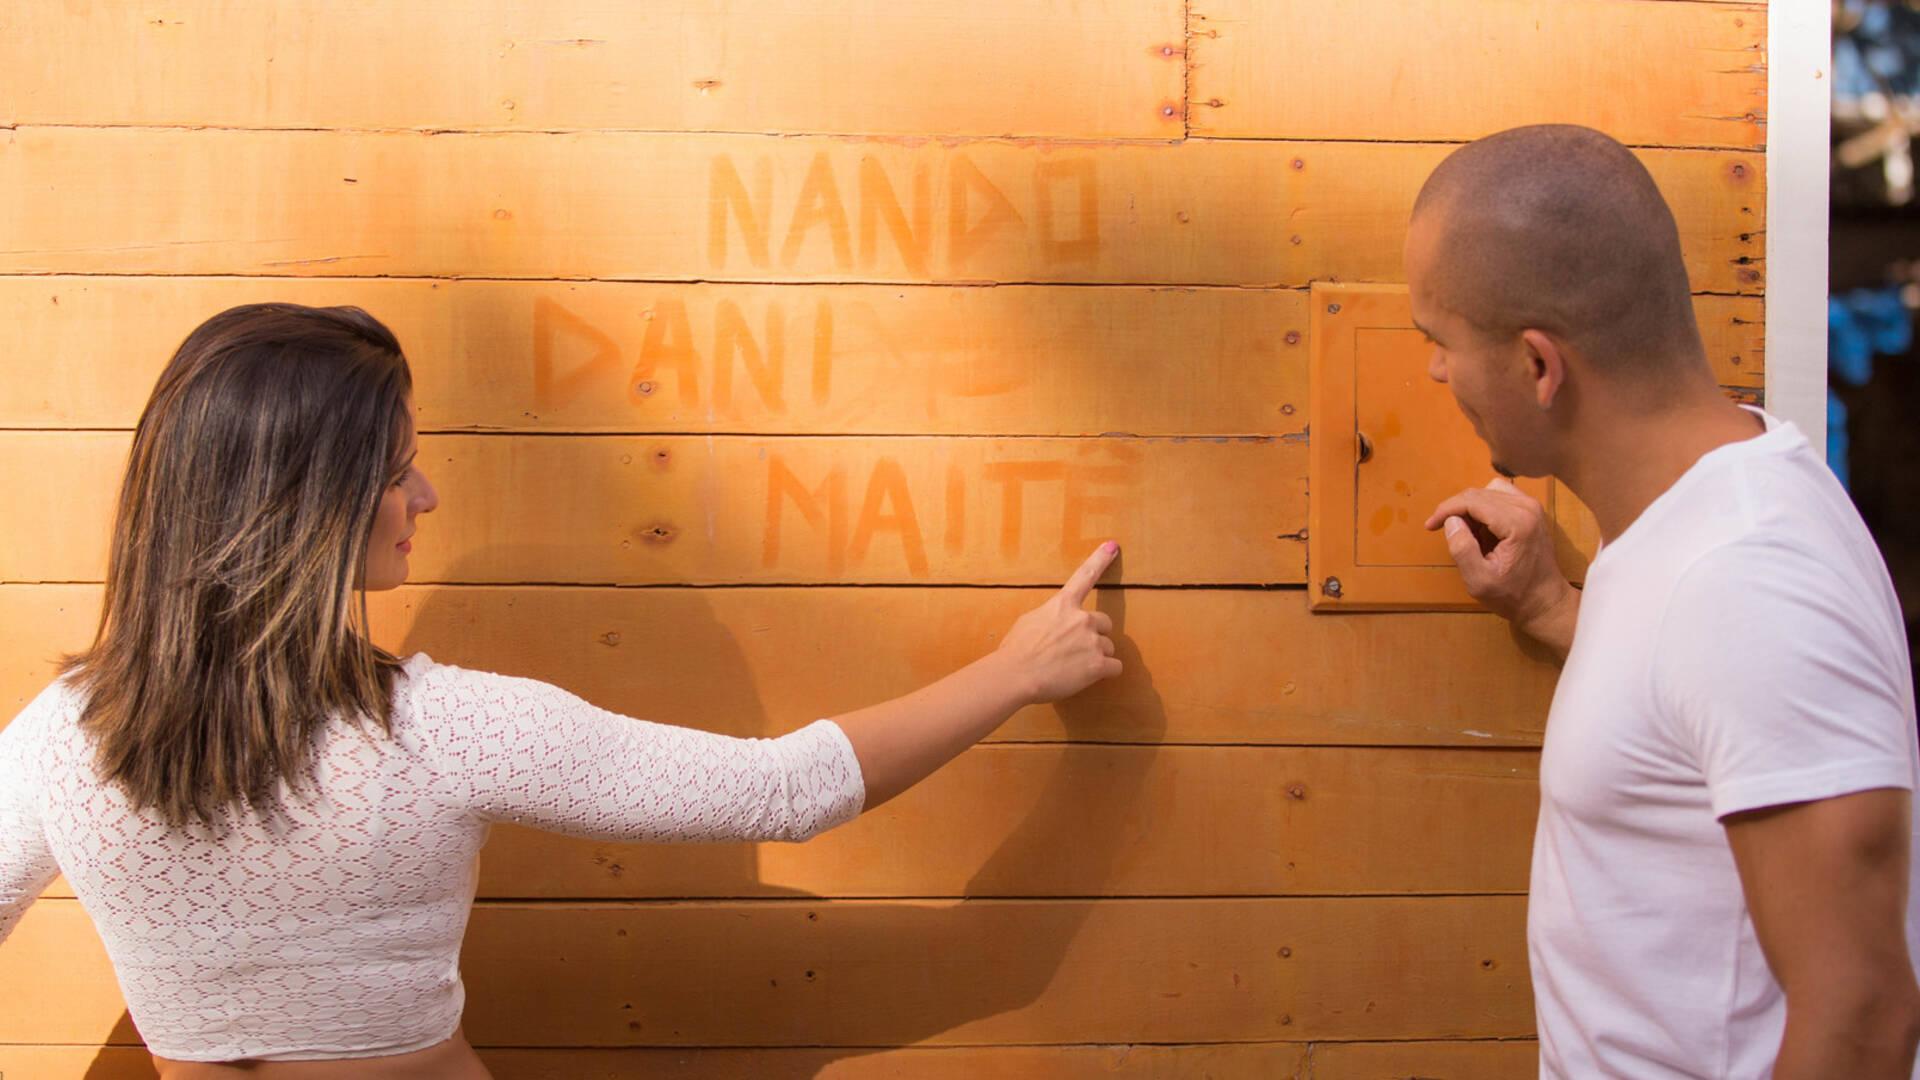 Gestante de Dani + Nando = Maitê